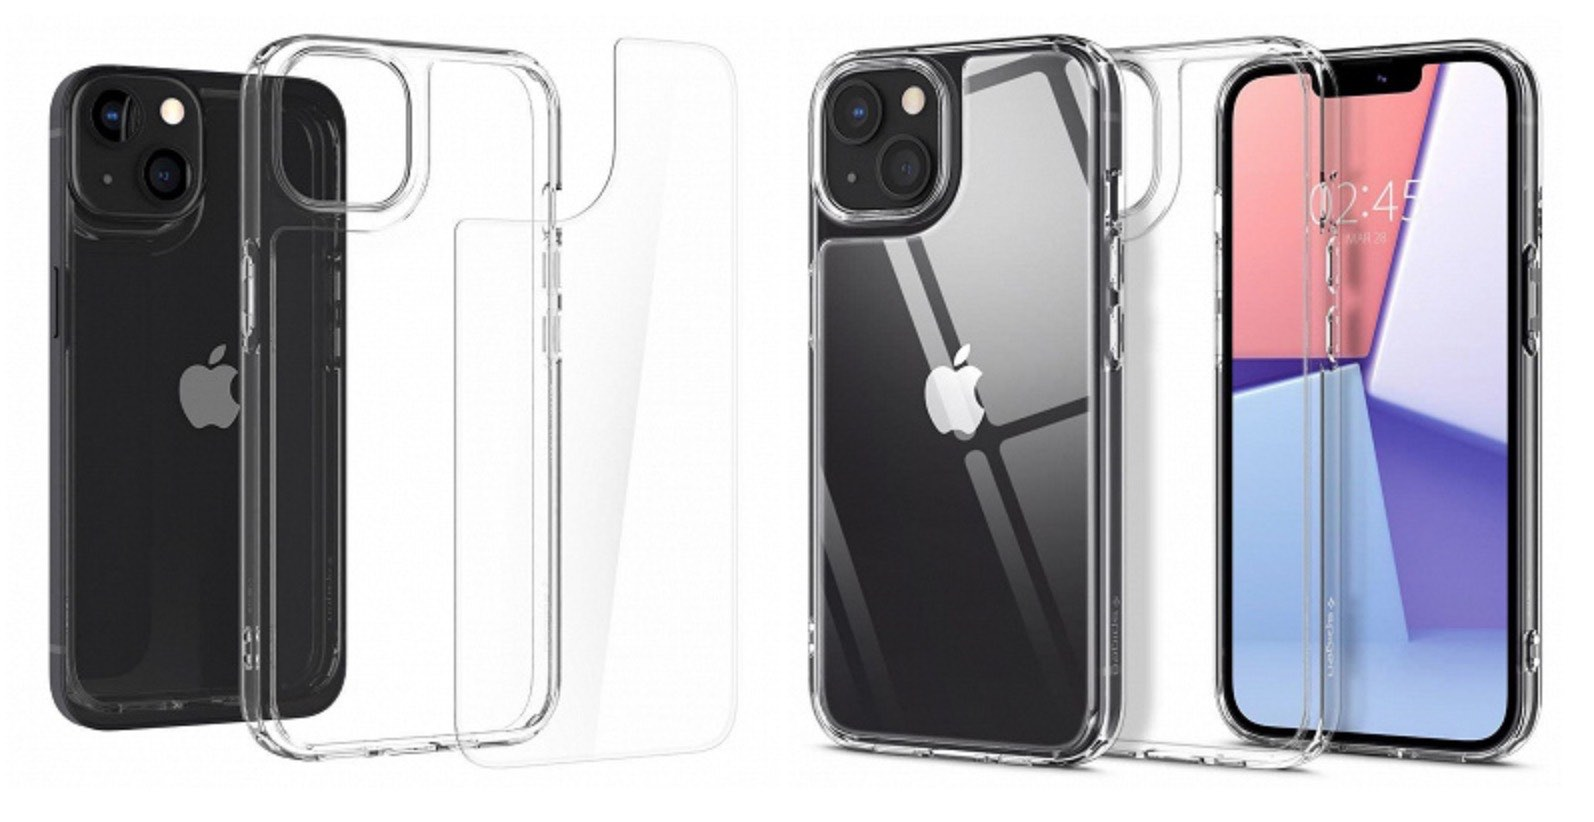 Producenci etui zdradzają wygląd iPhone 13 i 13 Pro na kilka chwil przed oficjalną prezentacją ciekawostki wygląd, iPhone 13 Pro, iPhone 13  Na kilkanaście minut przed oficjalnym startem prezentacji iPhone 13 w sieci pojawiły się grafiki zdradzające wygląd najnowszych smartfonów Apple. ip13 2